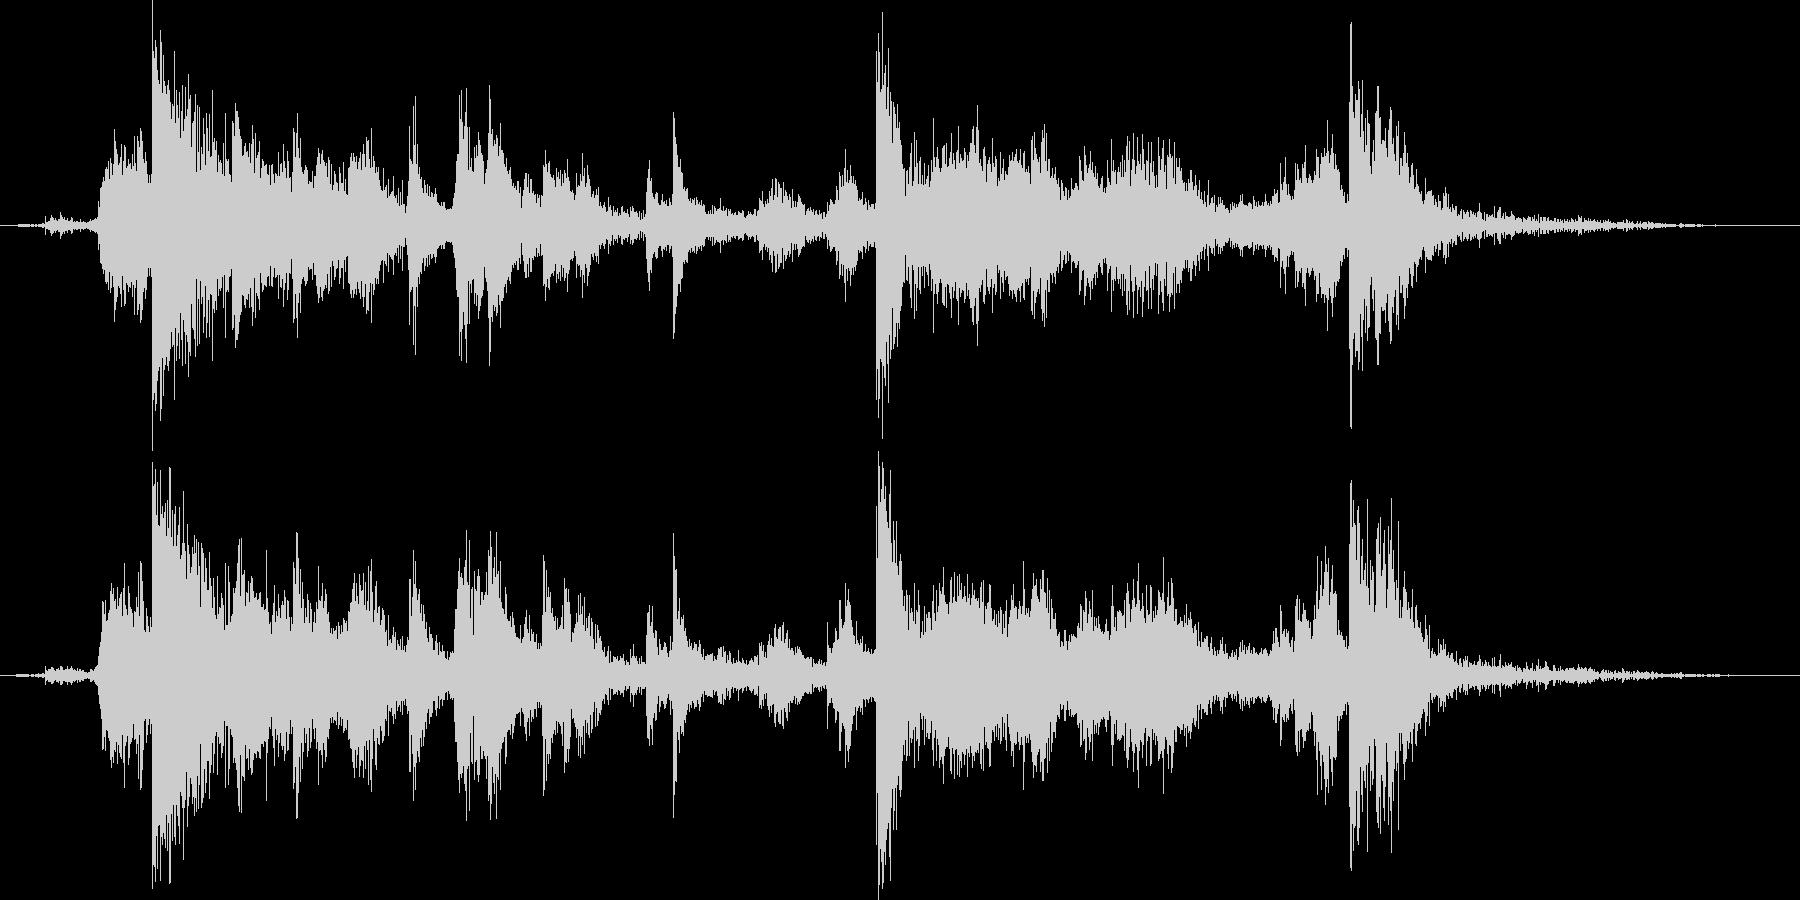 メタル クラッシュミディアム01の未再生の波形